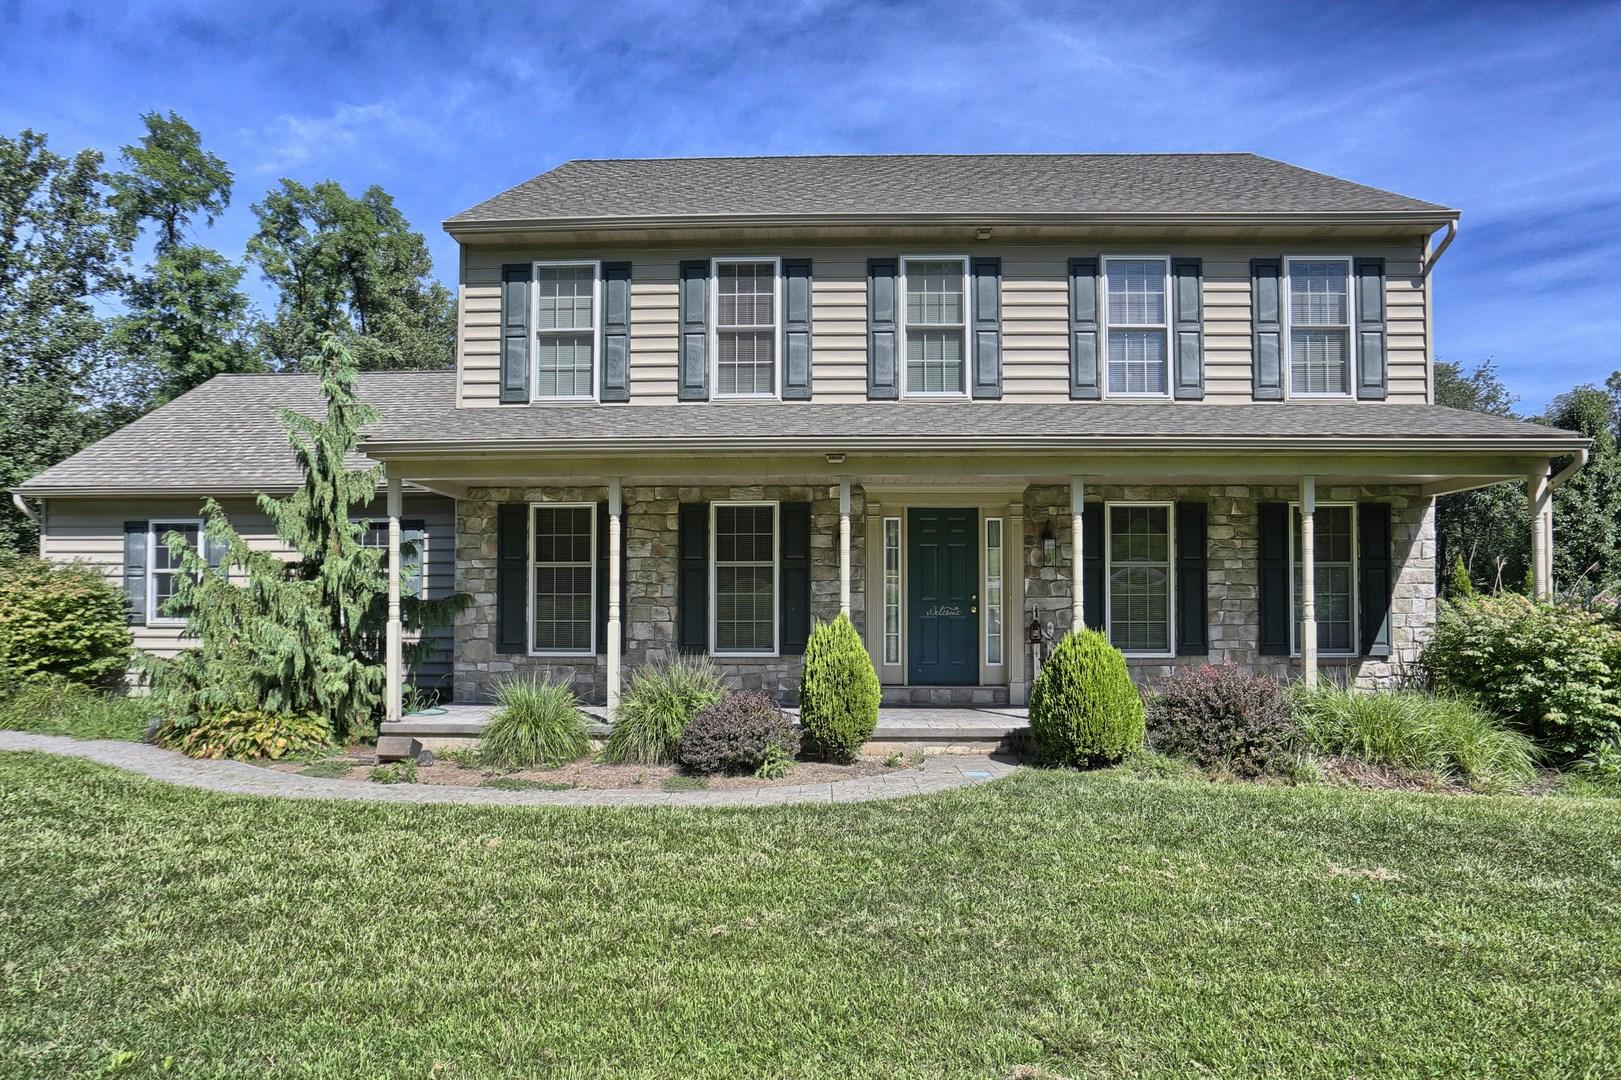 Частный односемейный дом для того Продажа на 417 Martic Heights Drive Holtwood, Пенсильвания 17532 Соединенные Штаты